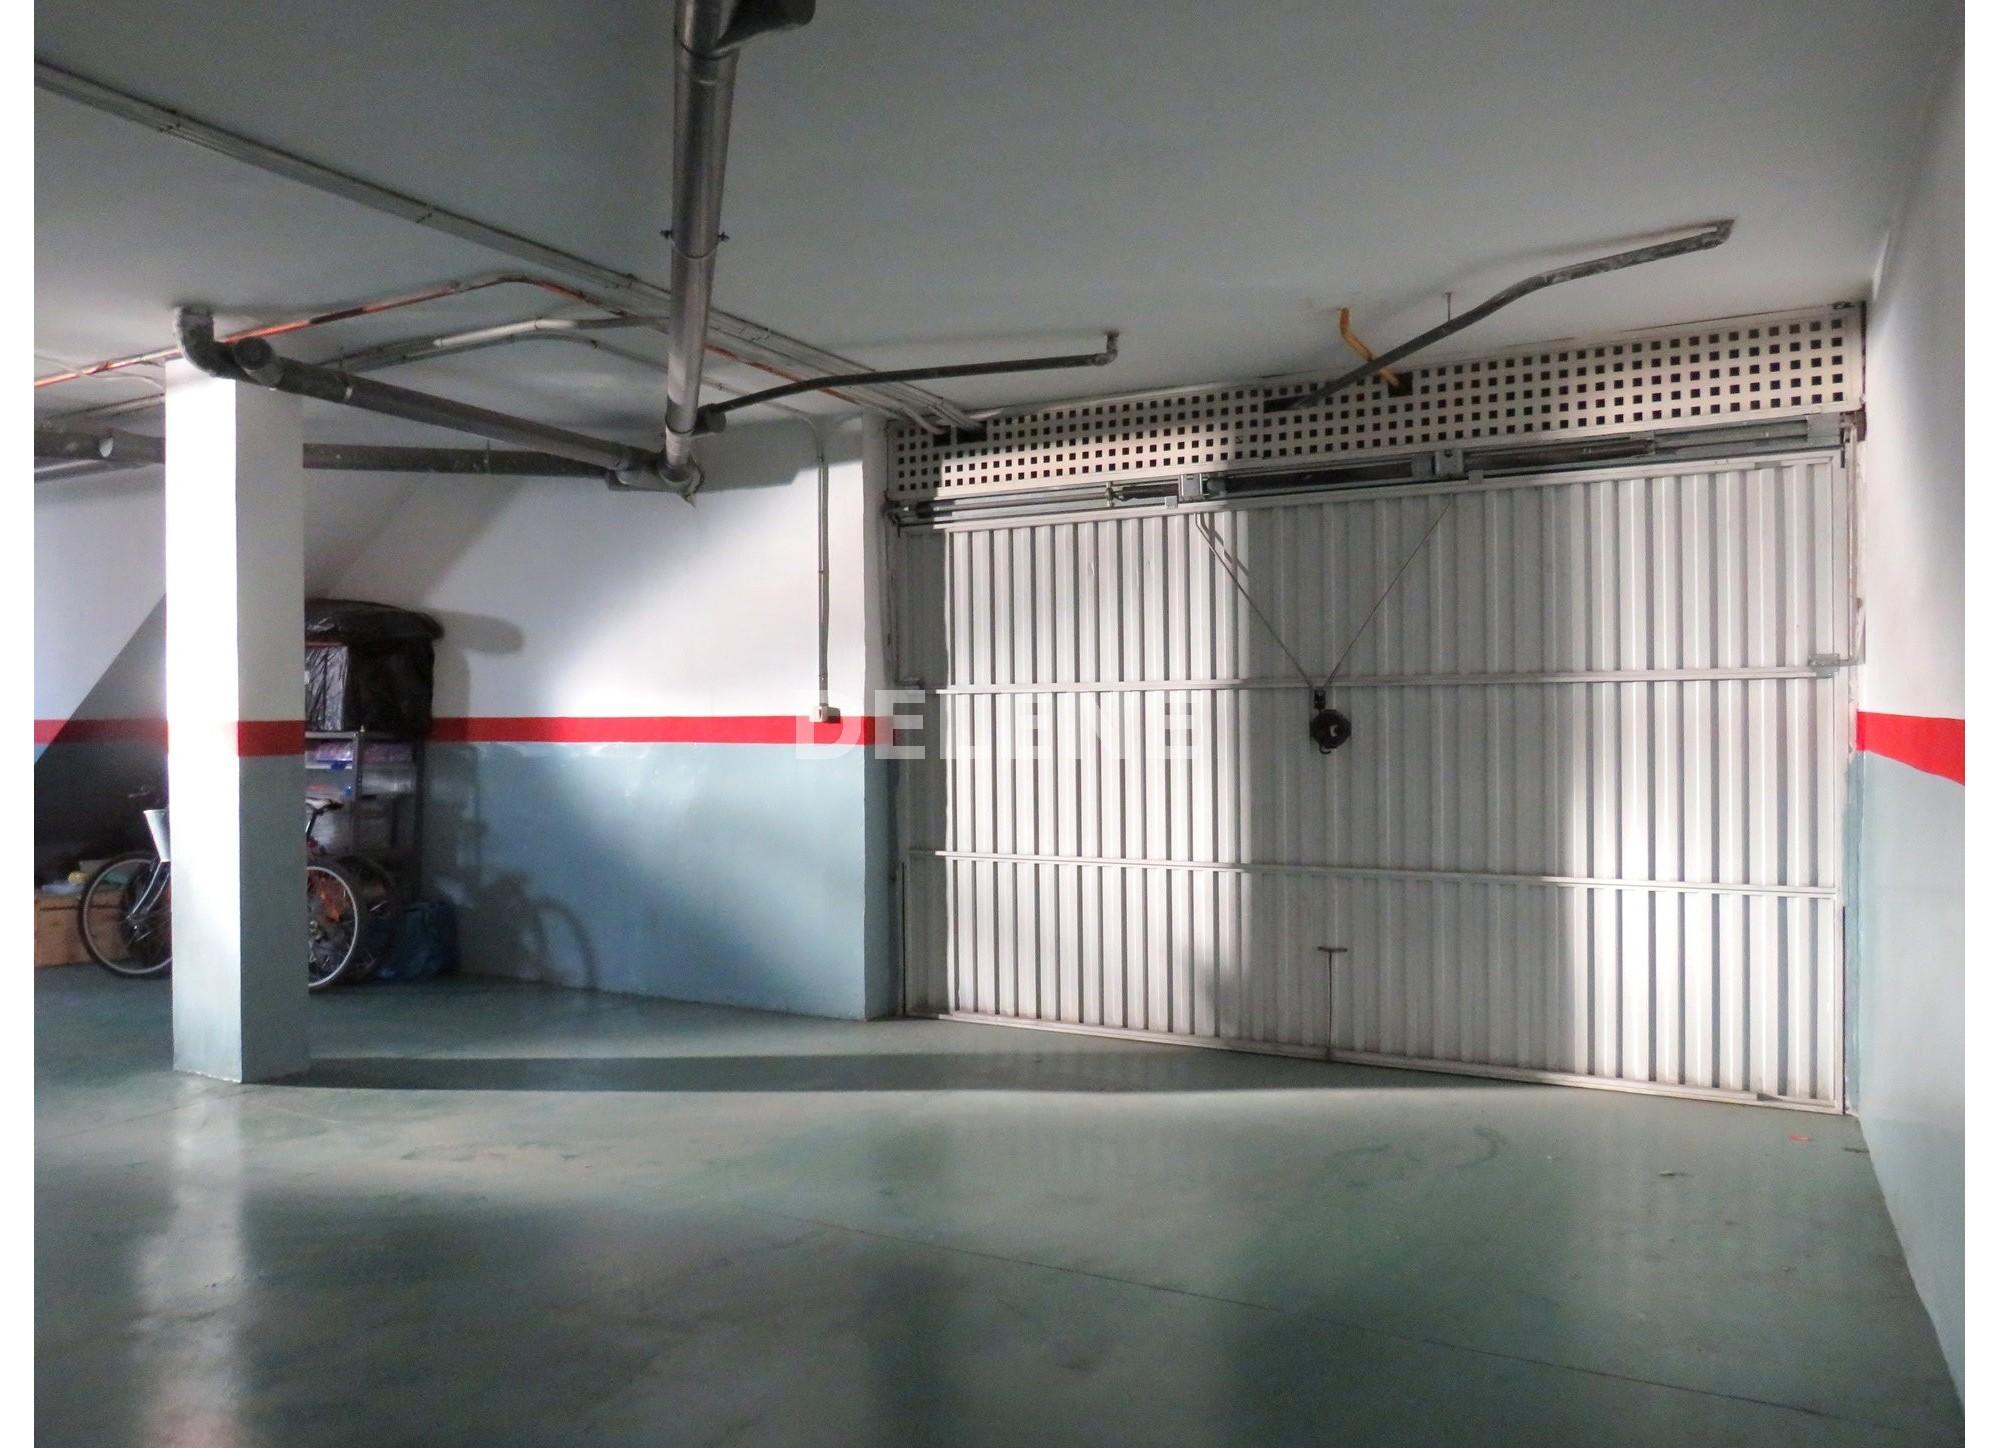 1758 ADOSADO CON TERRAZA DE 50 m2 Y PATIO, ZONA PISCINA CUBIERTA